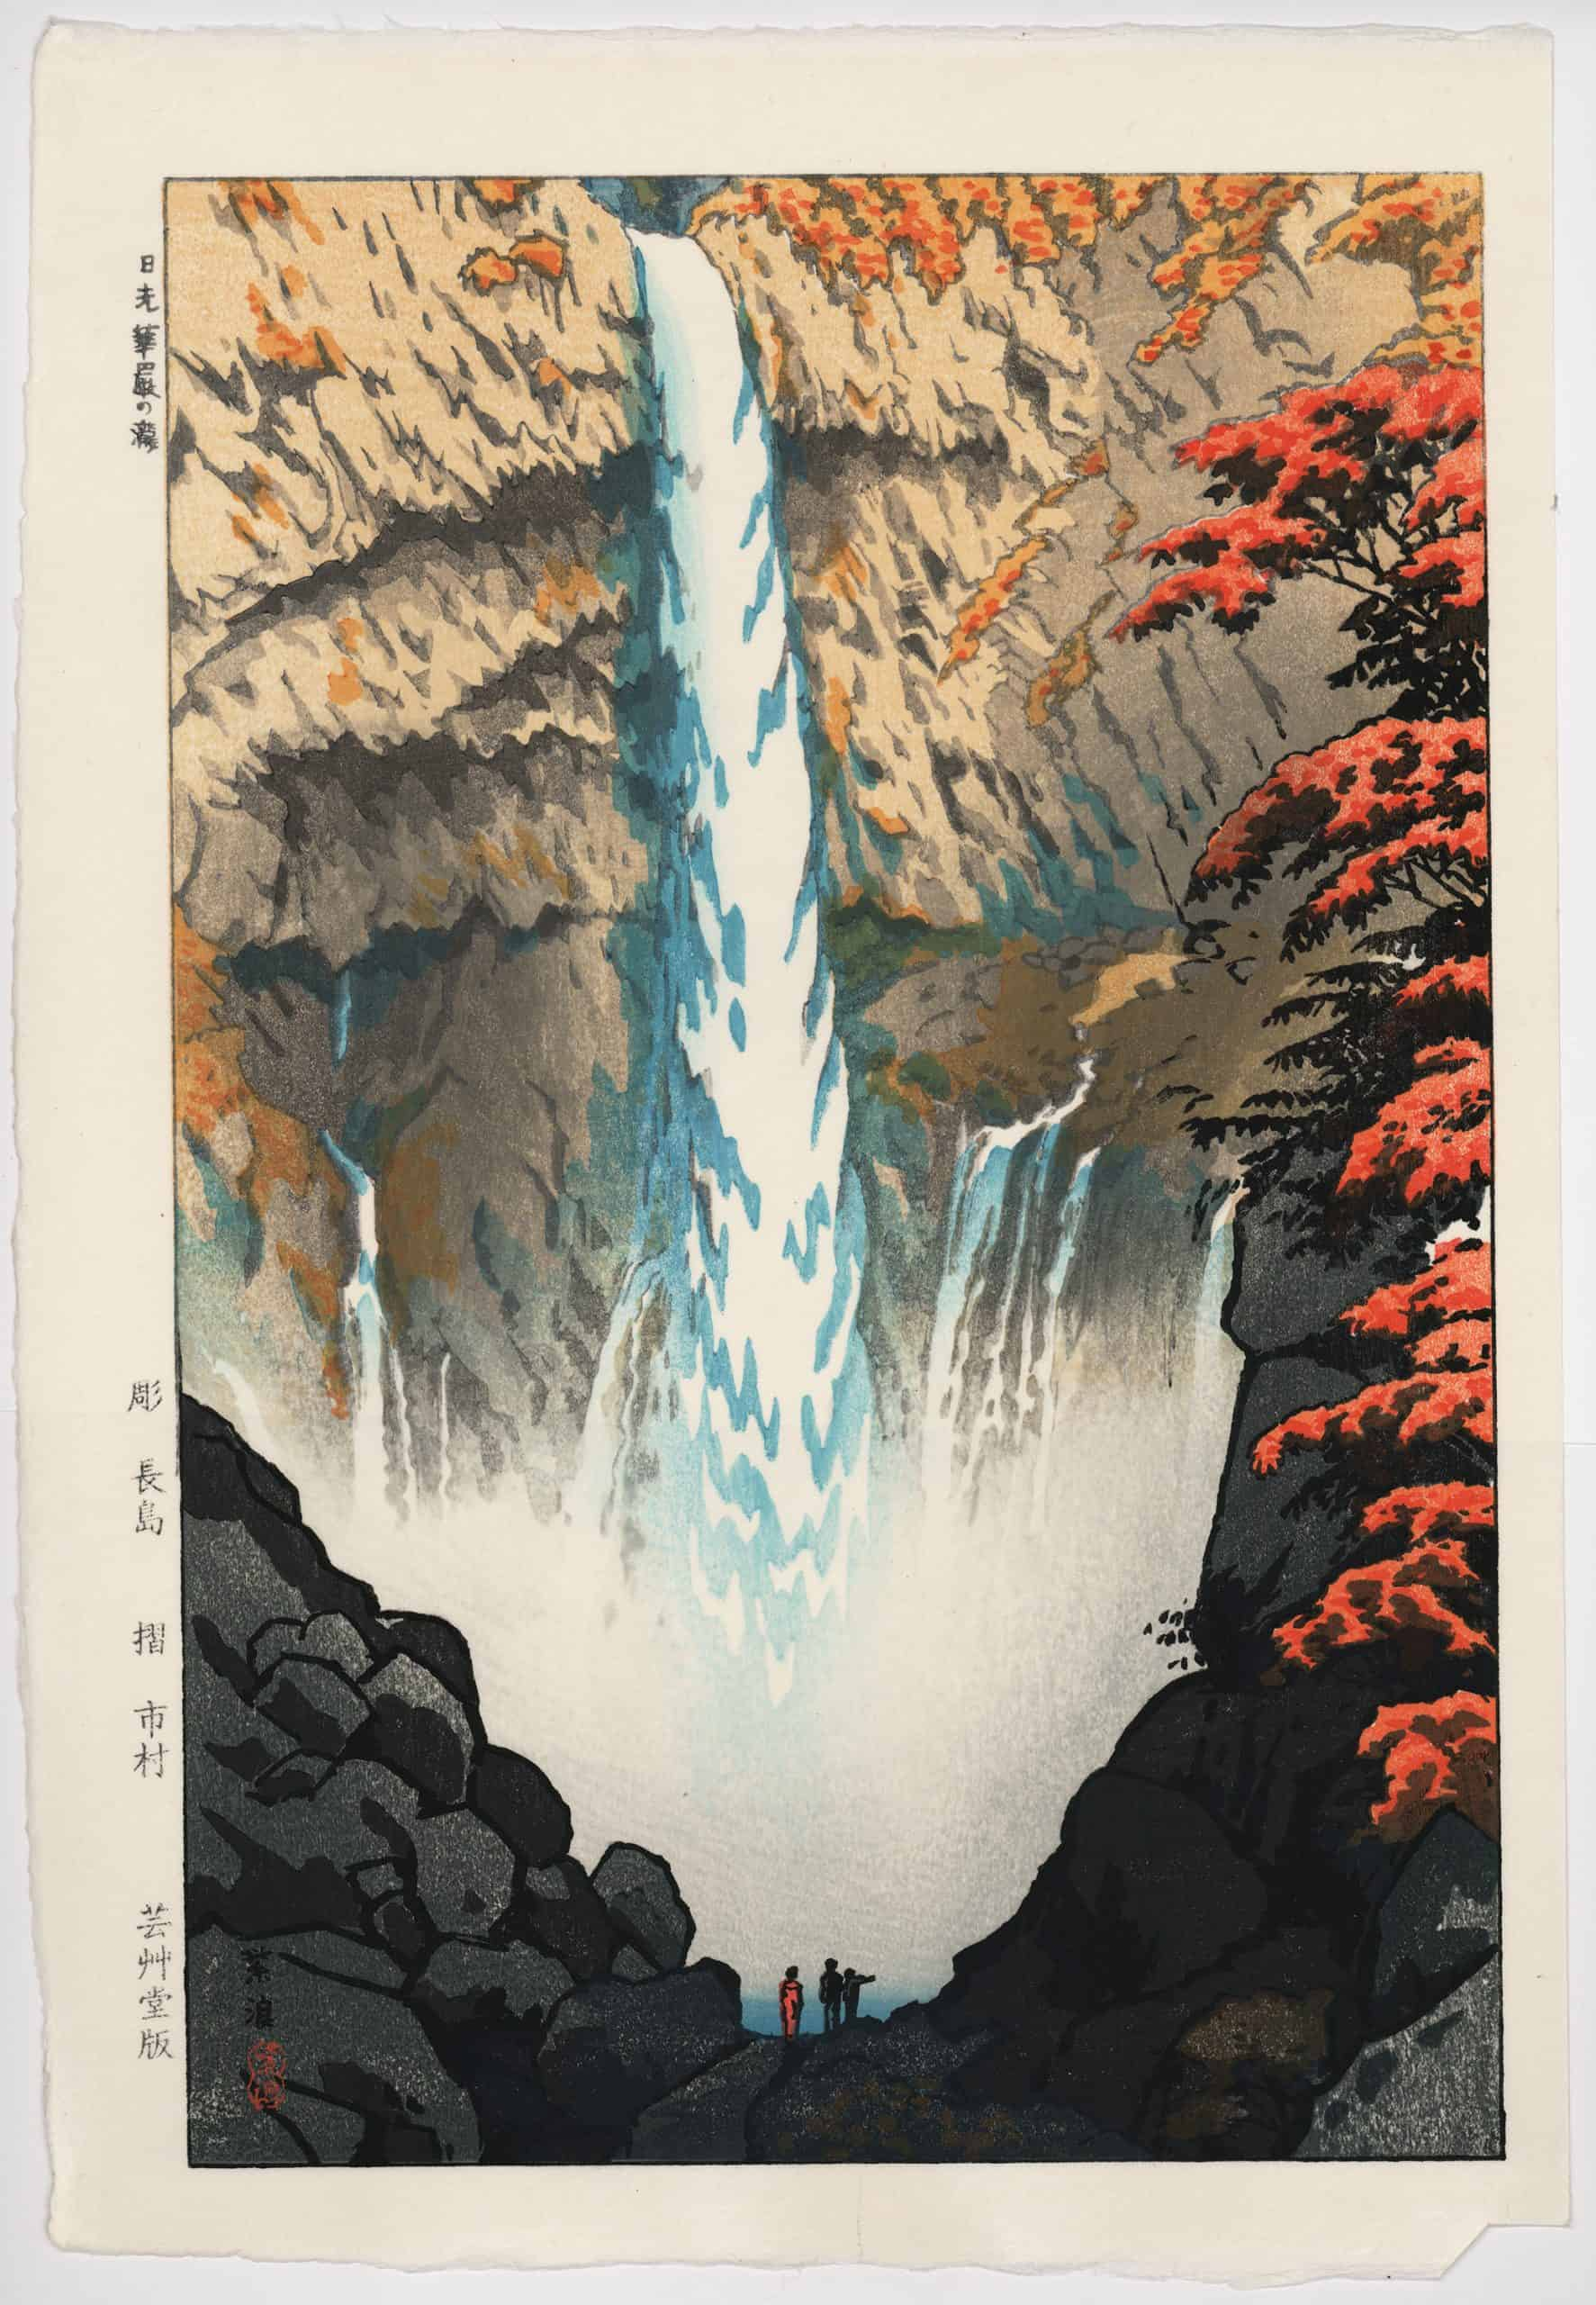 Shiro Kasamatsu - Kegon Falls